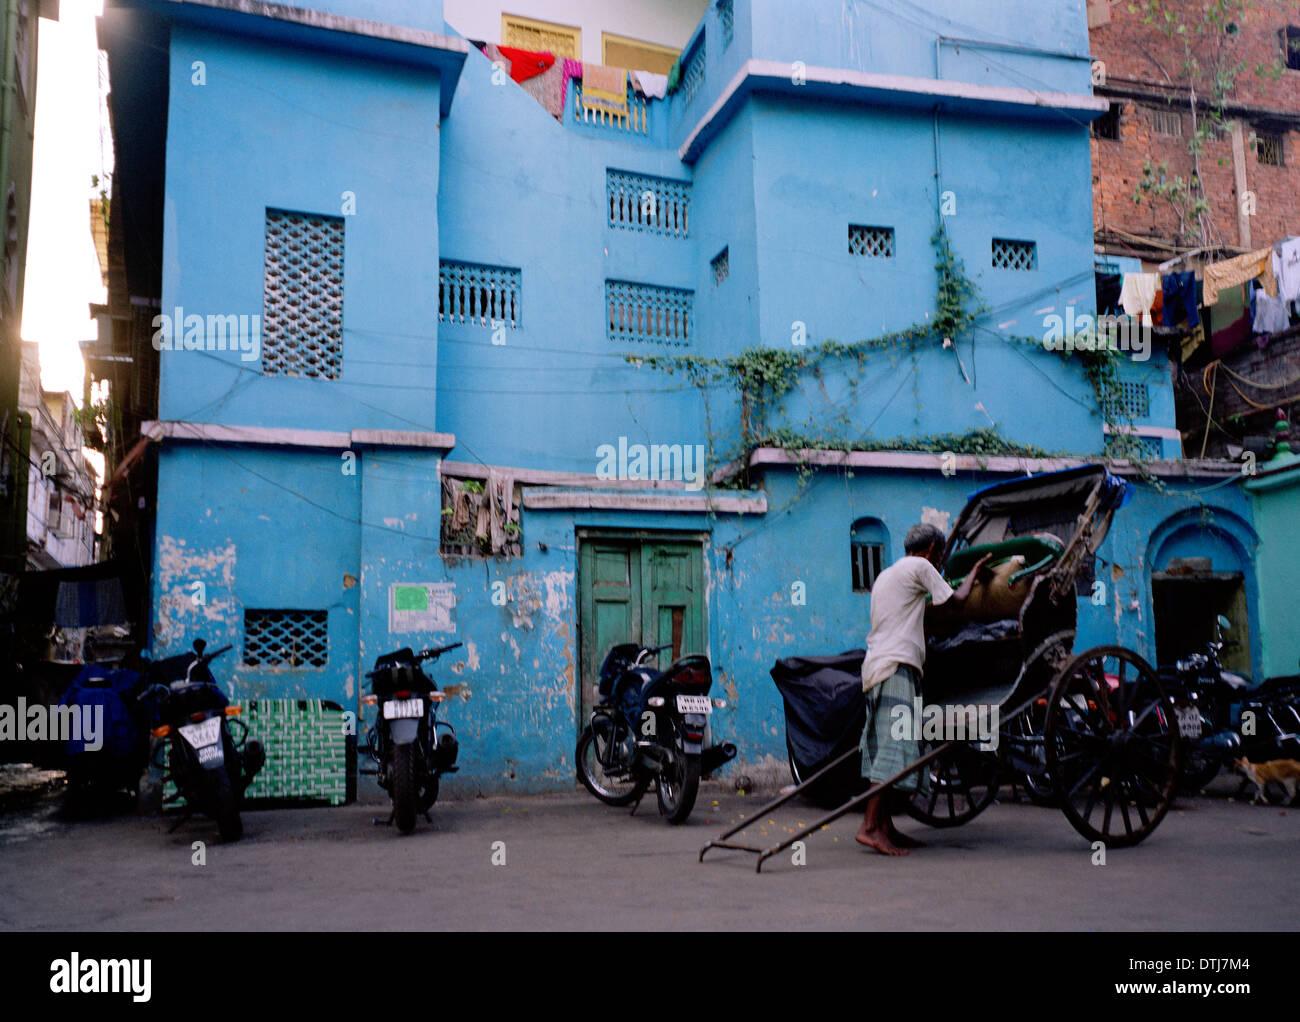 El rickshaw tirado en la ciudad de Calcuta Calcuta en Bengala Occidental en la India en el sur de Asia. Las ciudades de barrios de Pobreza Urbana Pobre hombre vida Wanderlust Travel Imagen De Stock